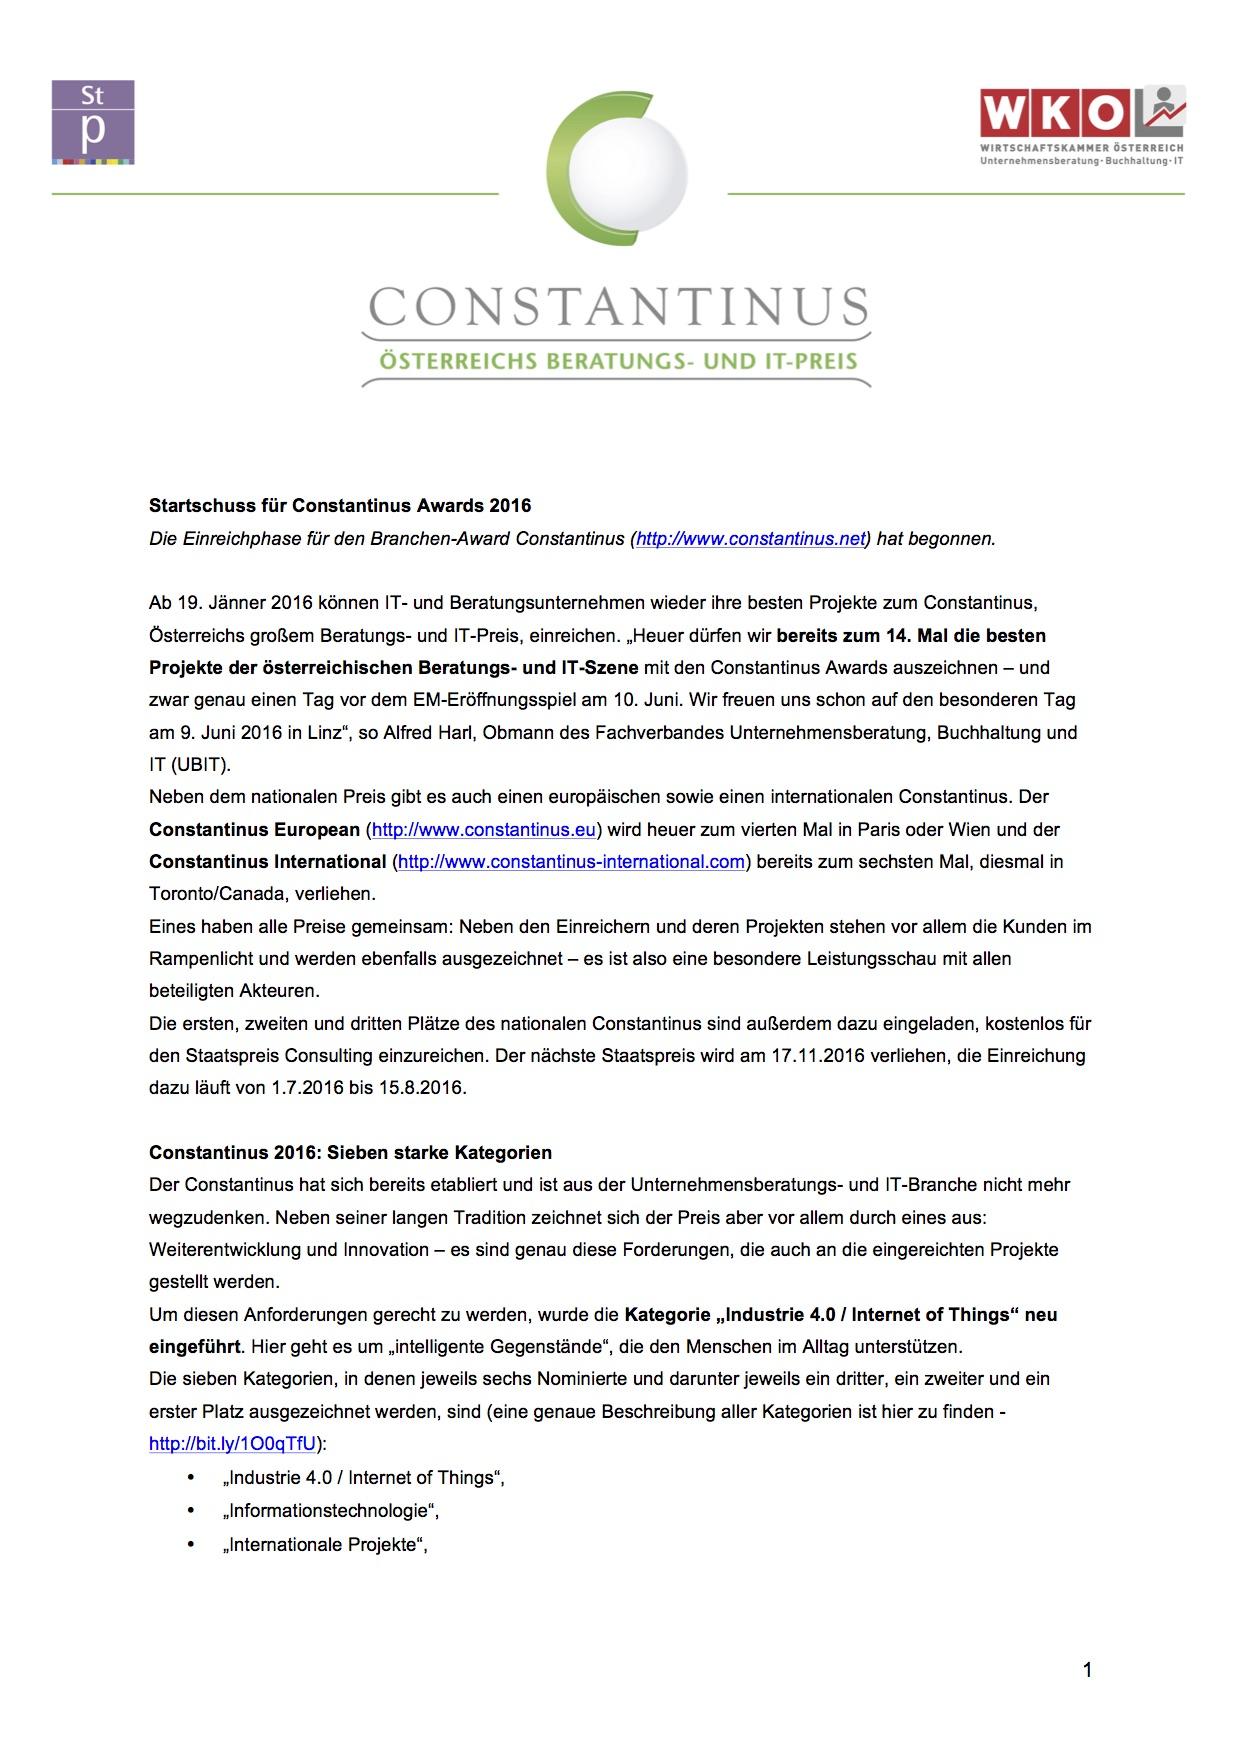 Constantinus Award 2016 - Presseinformation Startschuss 2016